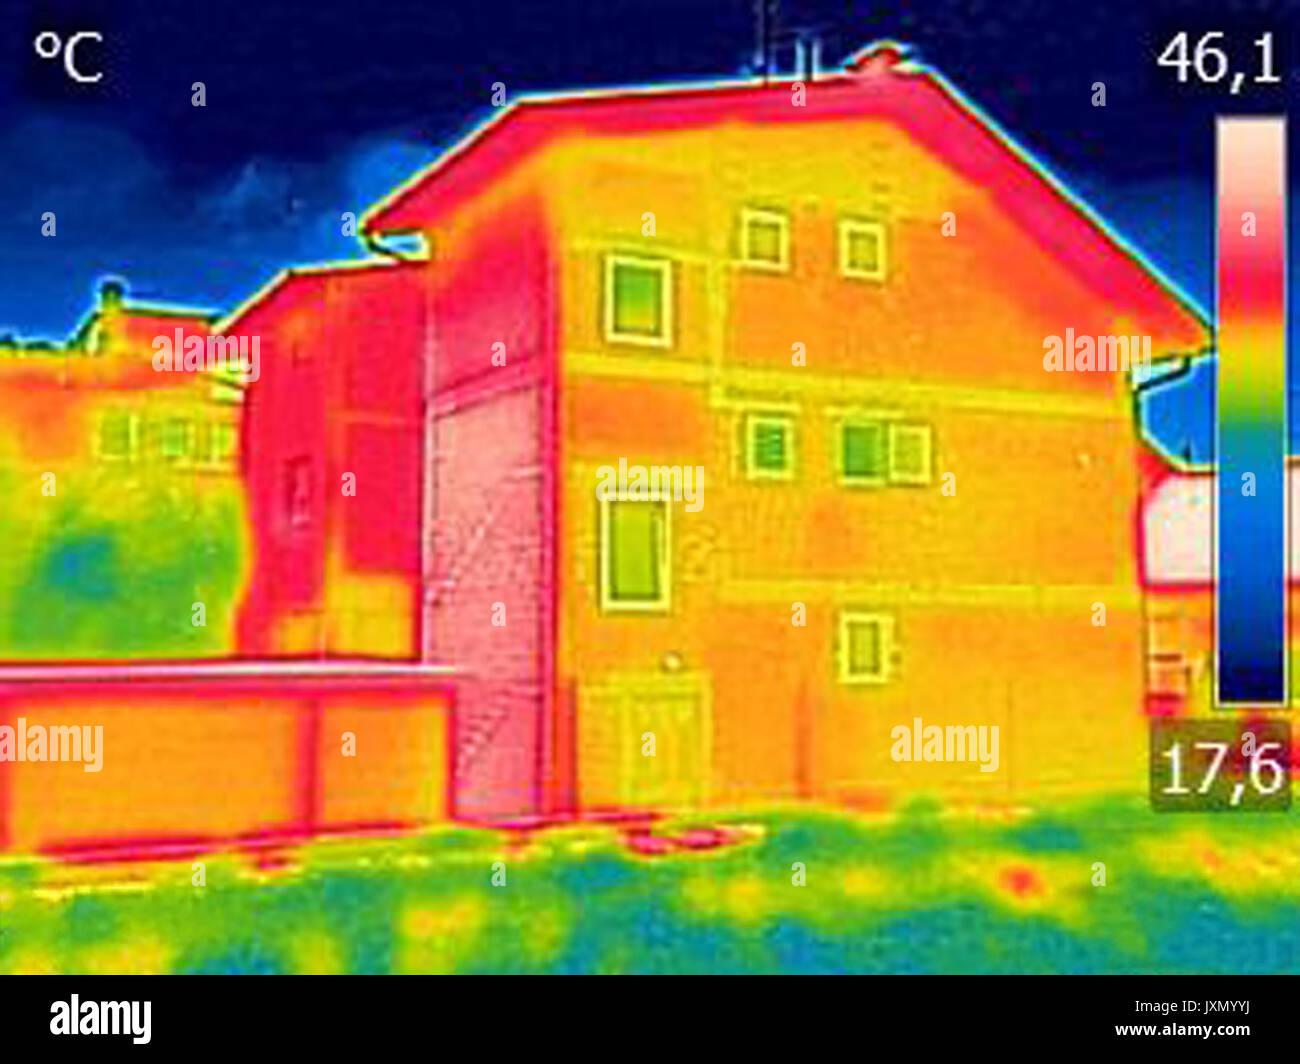 Infrarot-Thermografie-Bild zeigt mangelnde Wärmedämmung am Haus, mit ...